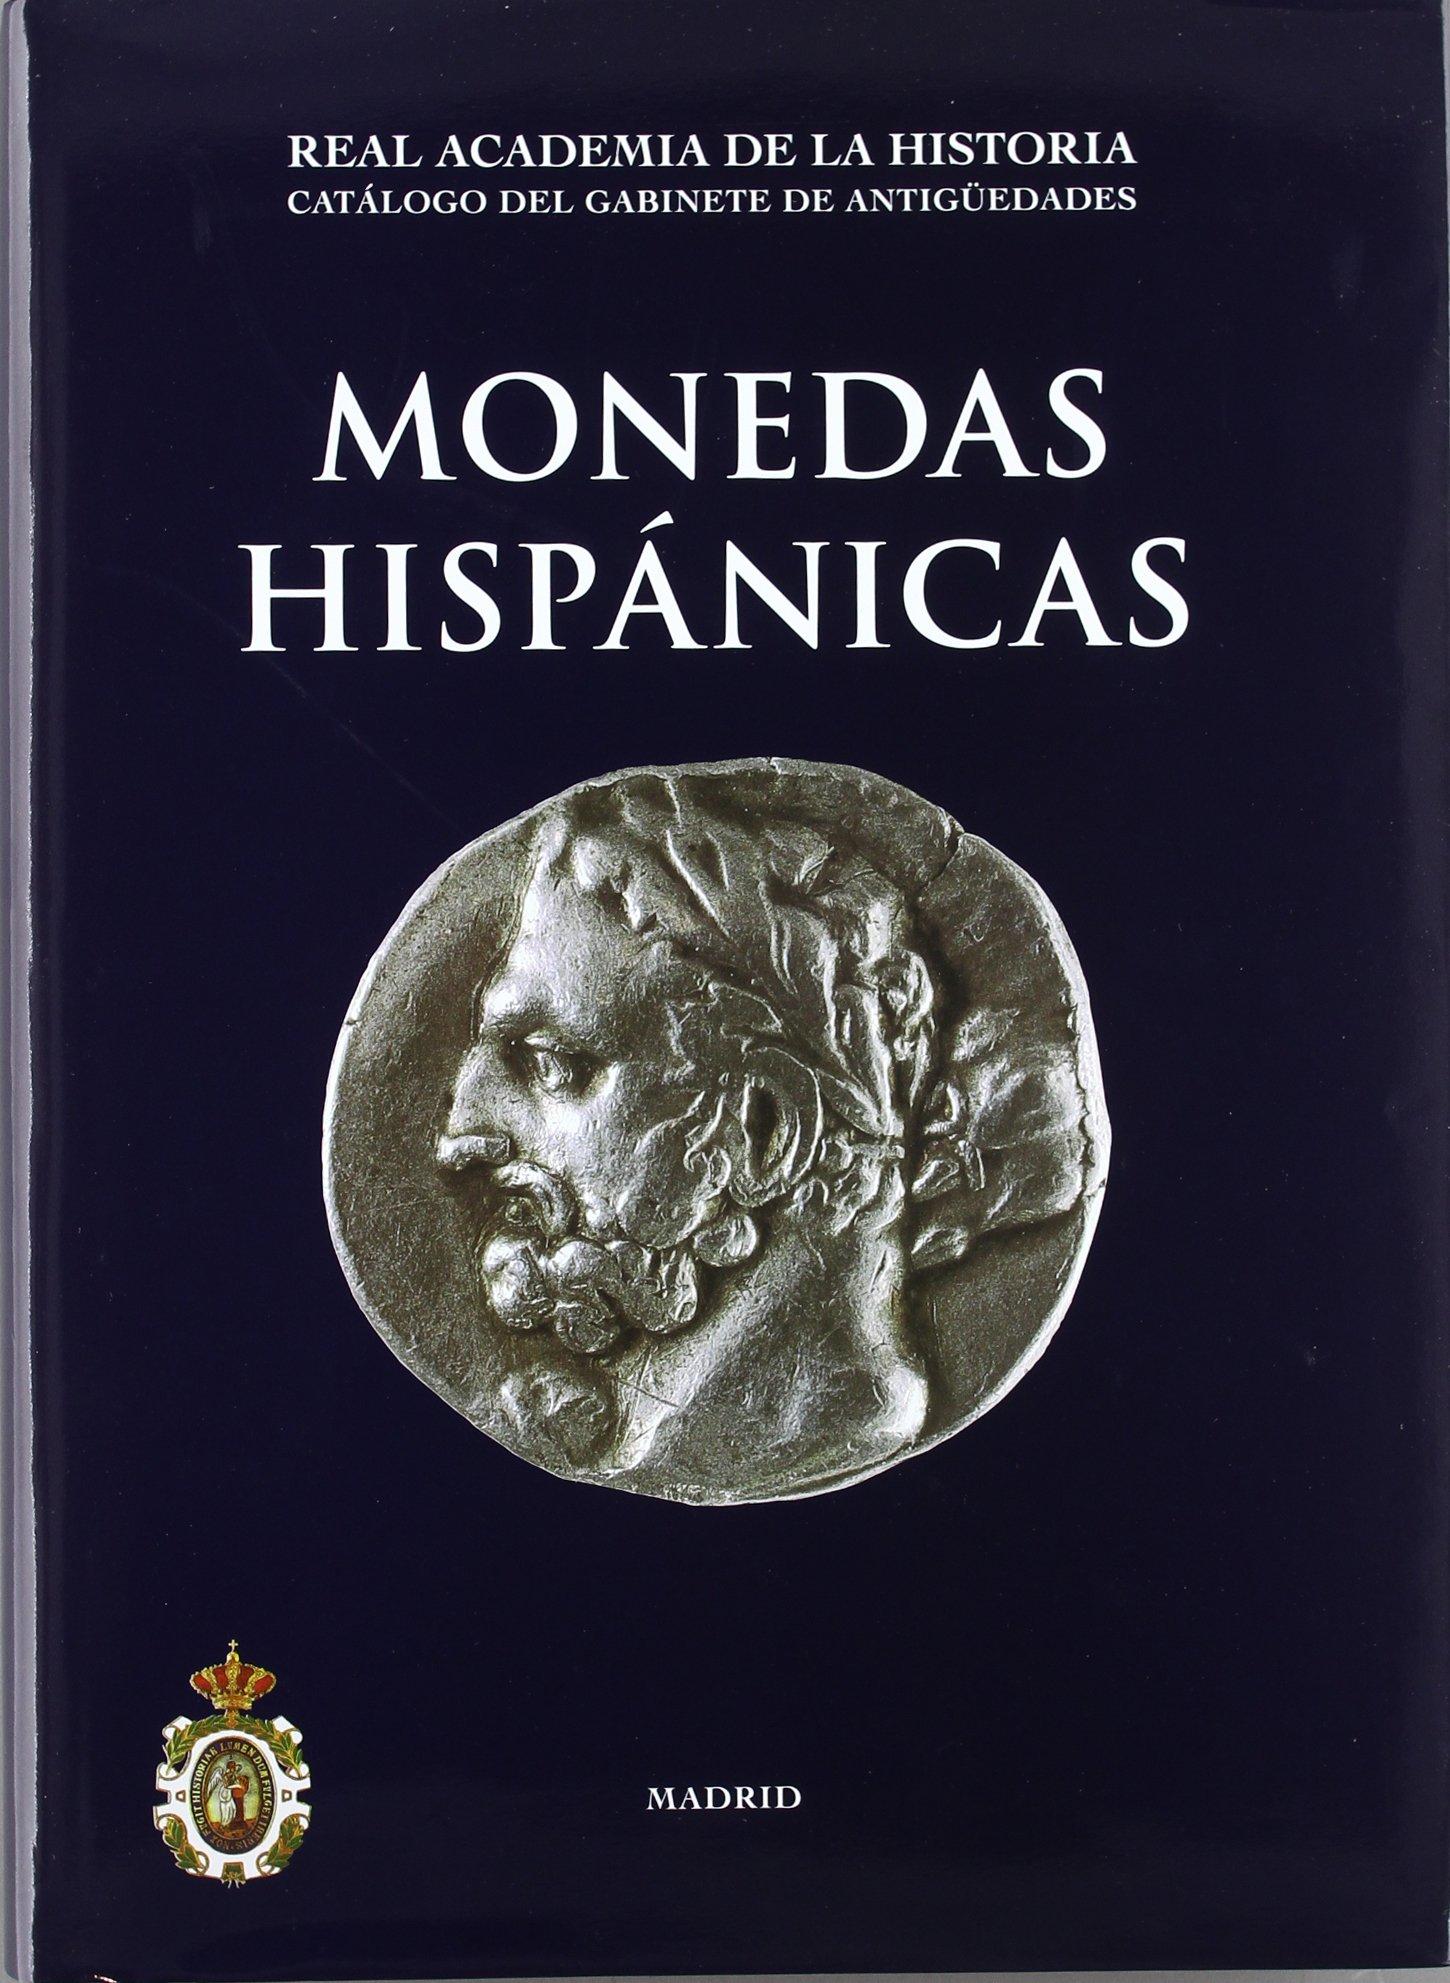 Monedas Hispánicas. Catálogos. II. Monedas y Medallas.: Amazon.es: Abascal, Juan Manuel, Ripollés, Pere Pau: Libros